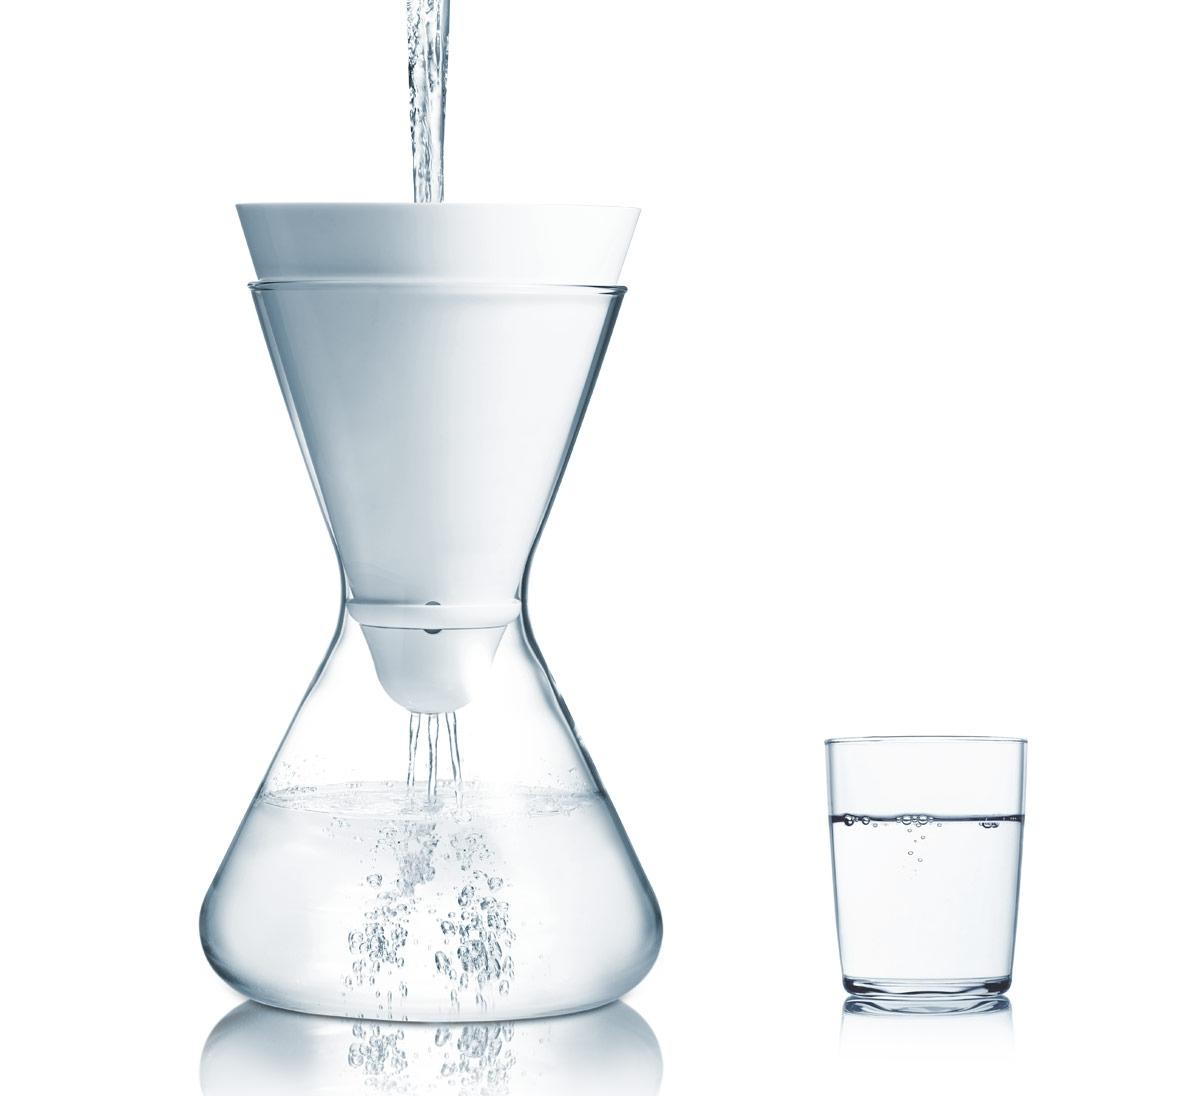 Soma Water Filter